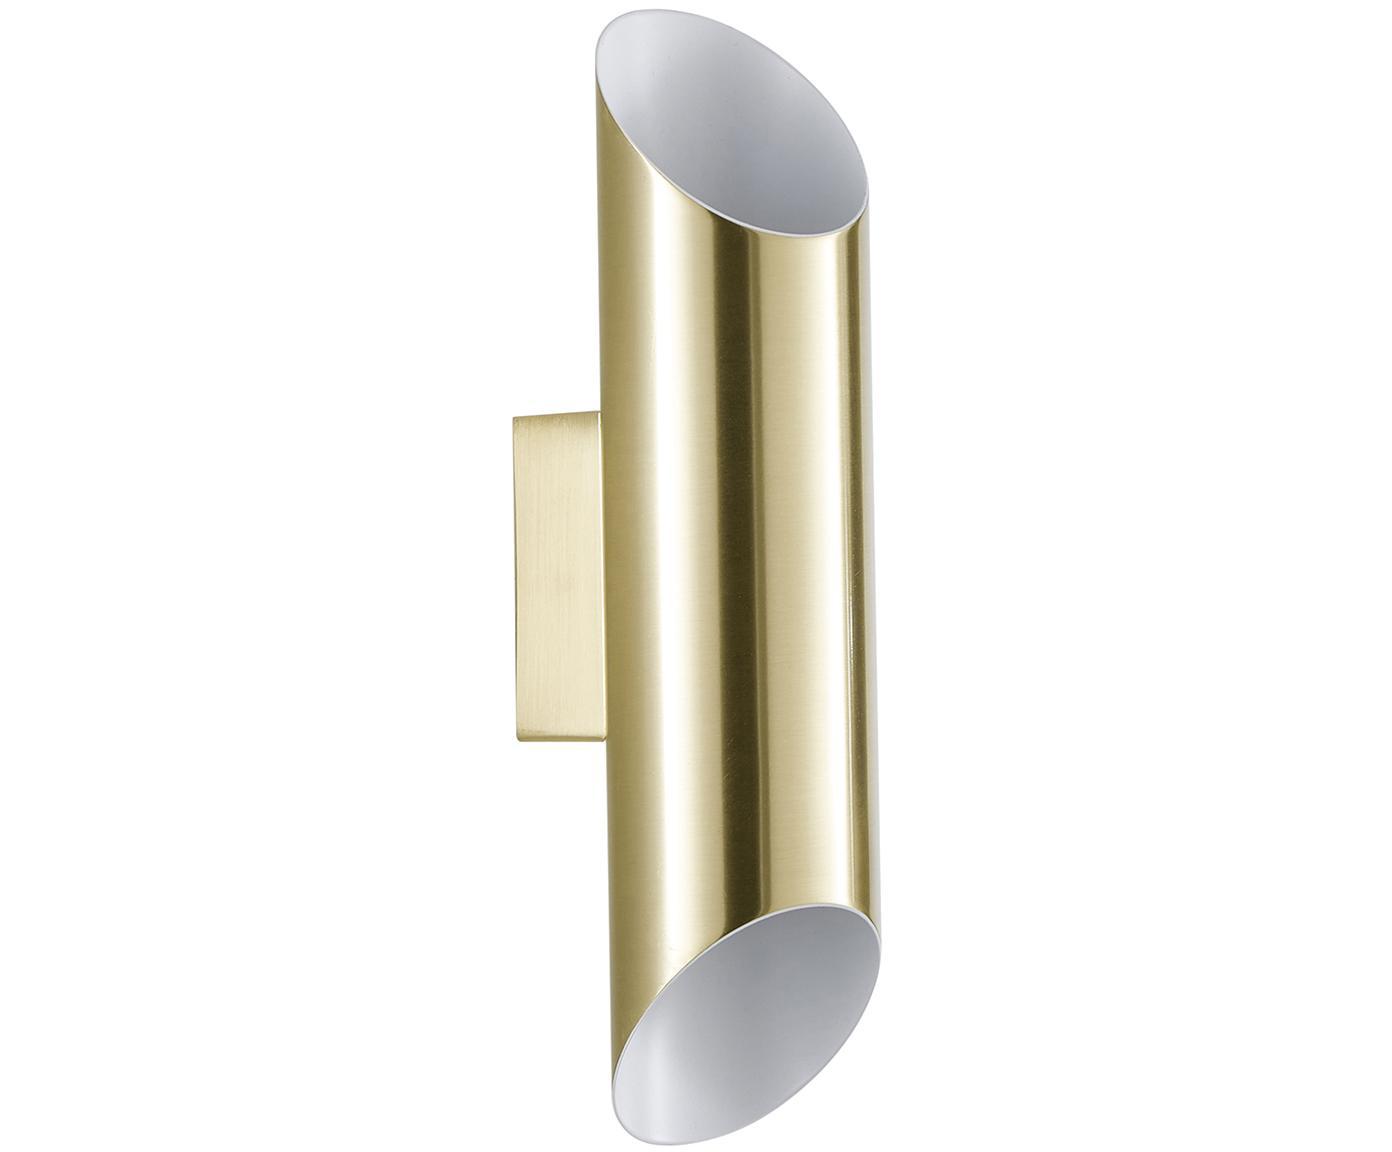 Wandlamp Renee, Baldakijn: geborsteld metaal, Lampenkap: geborsteld metaal, Mat goudkleurig, 7 x 28 cm